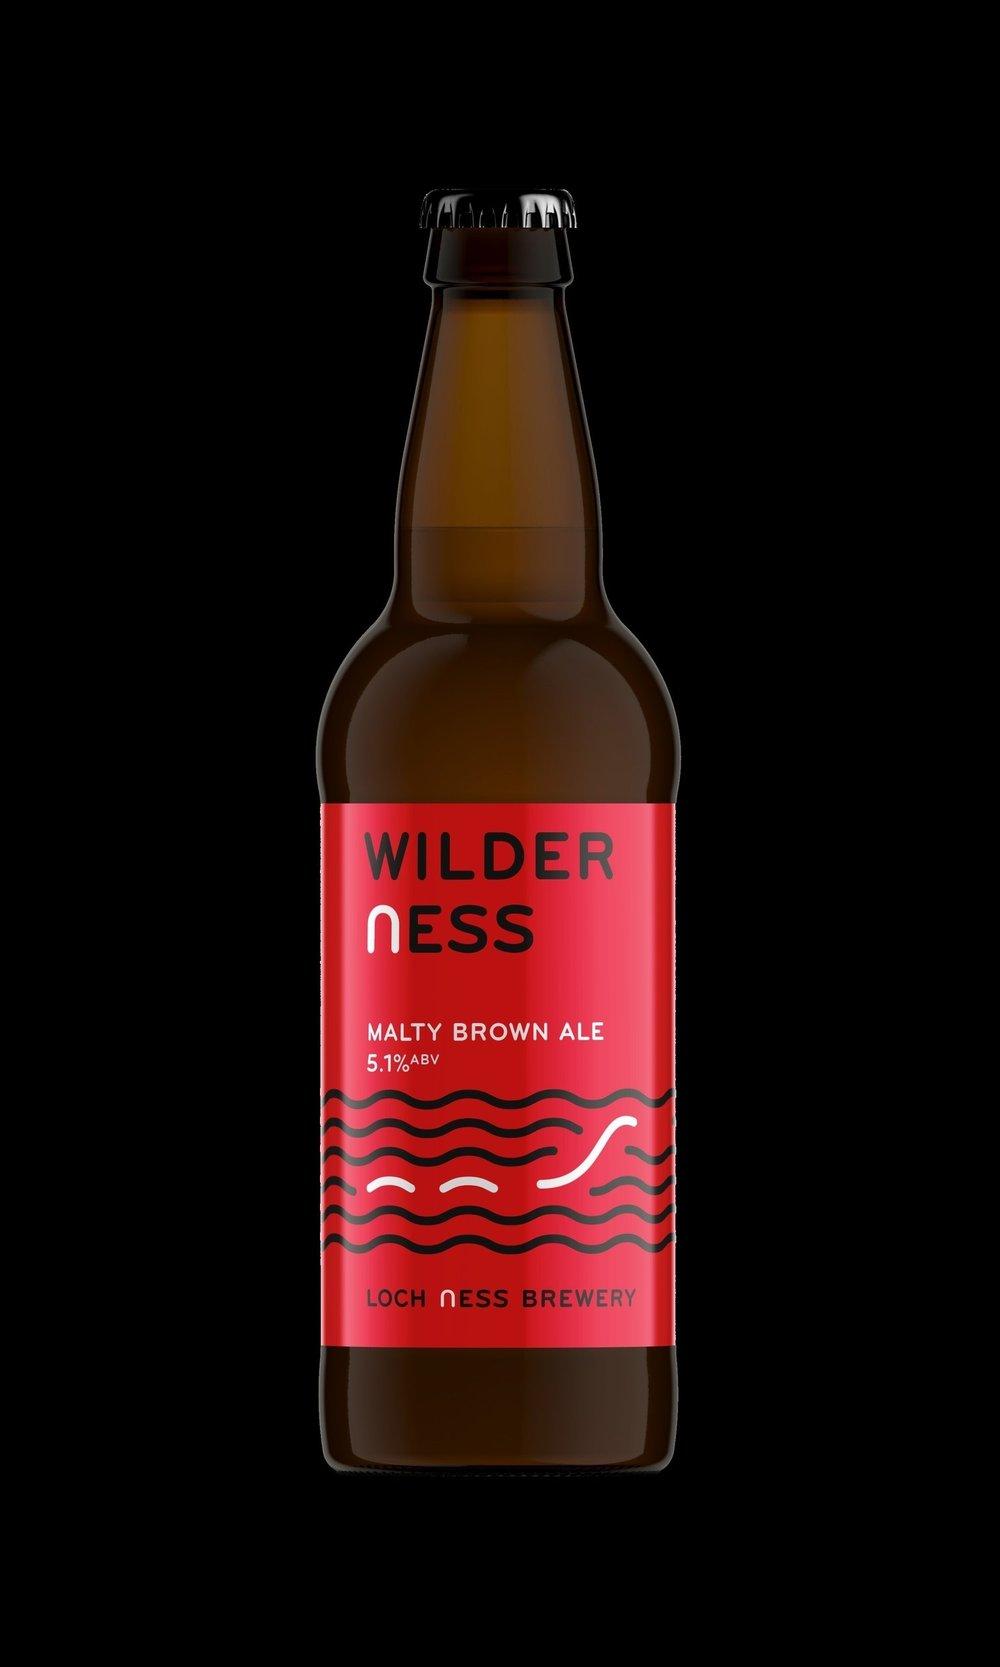 Loch Ness Brewery_WilderNess_500ml Bottle _DARK_BGRD.jpg